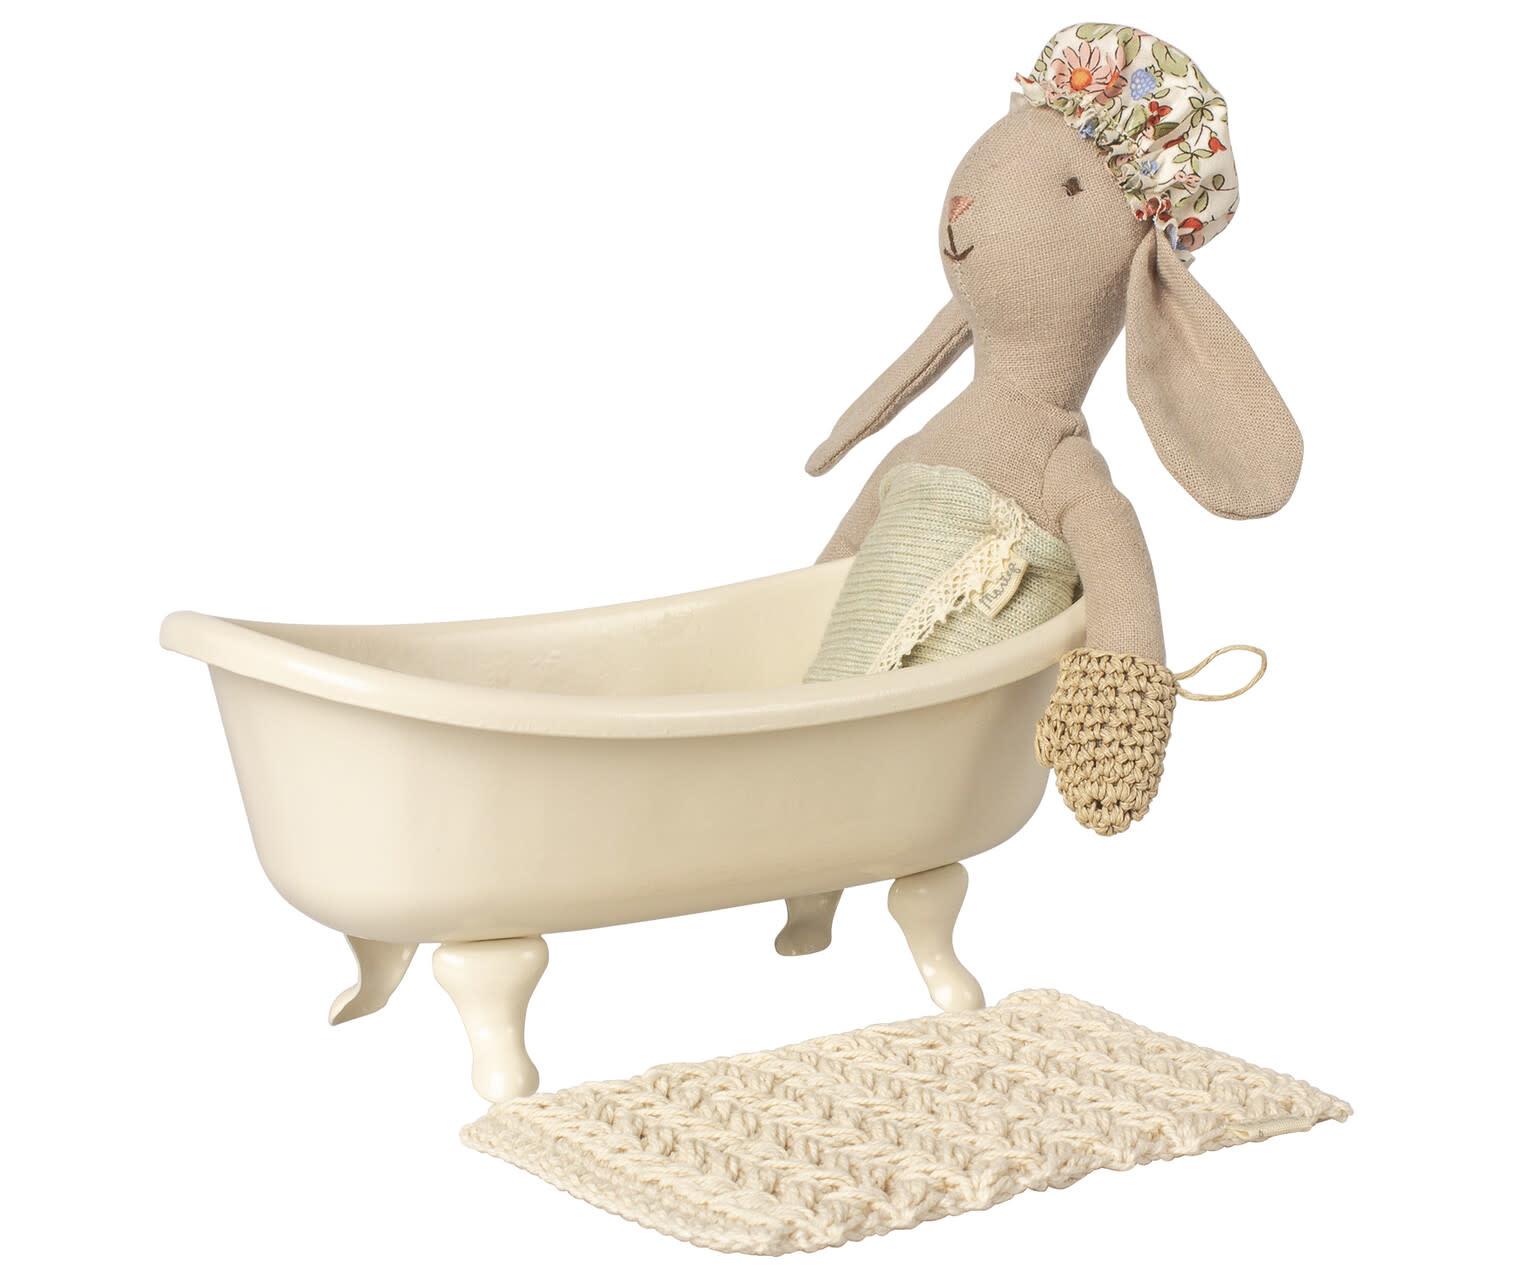 Miniature bathtub-3